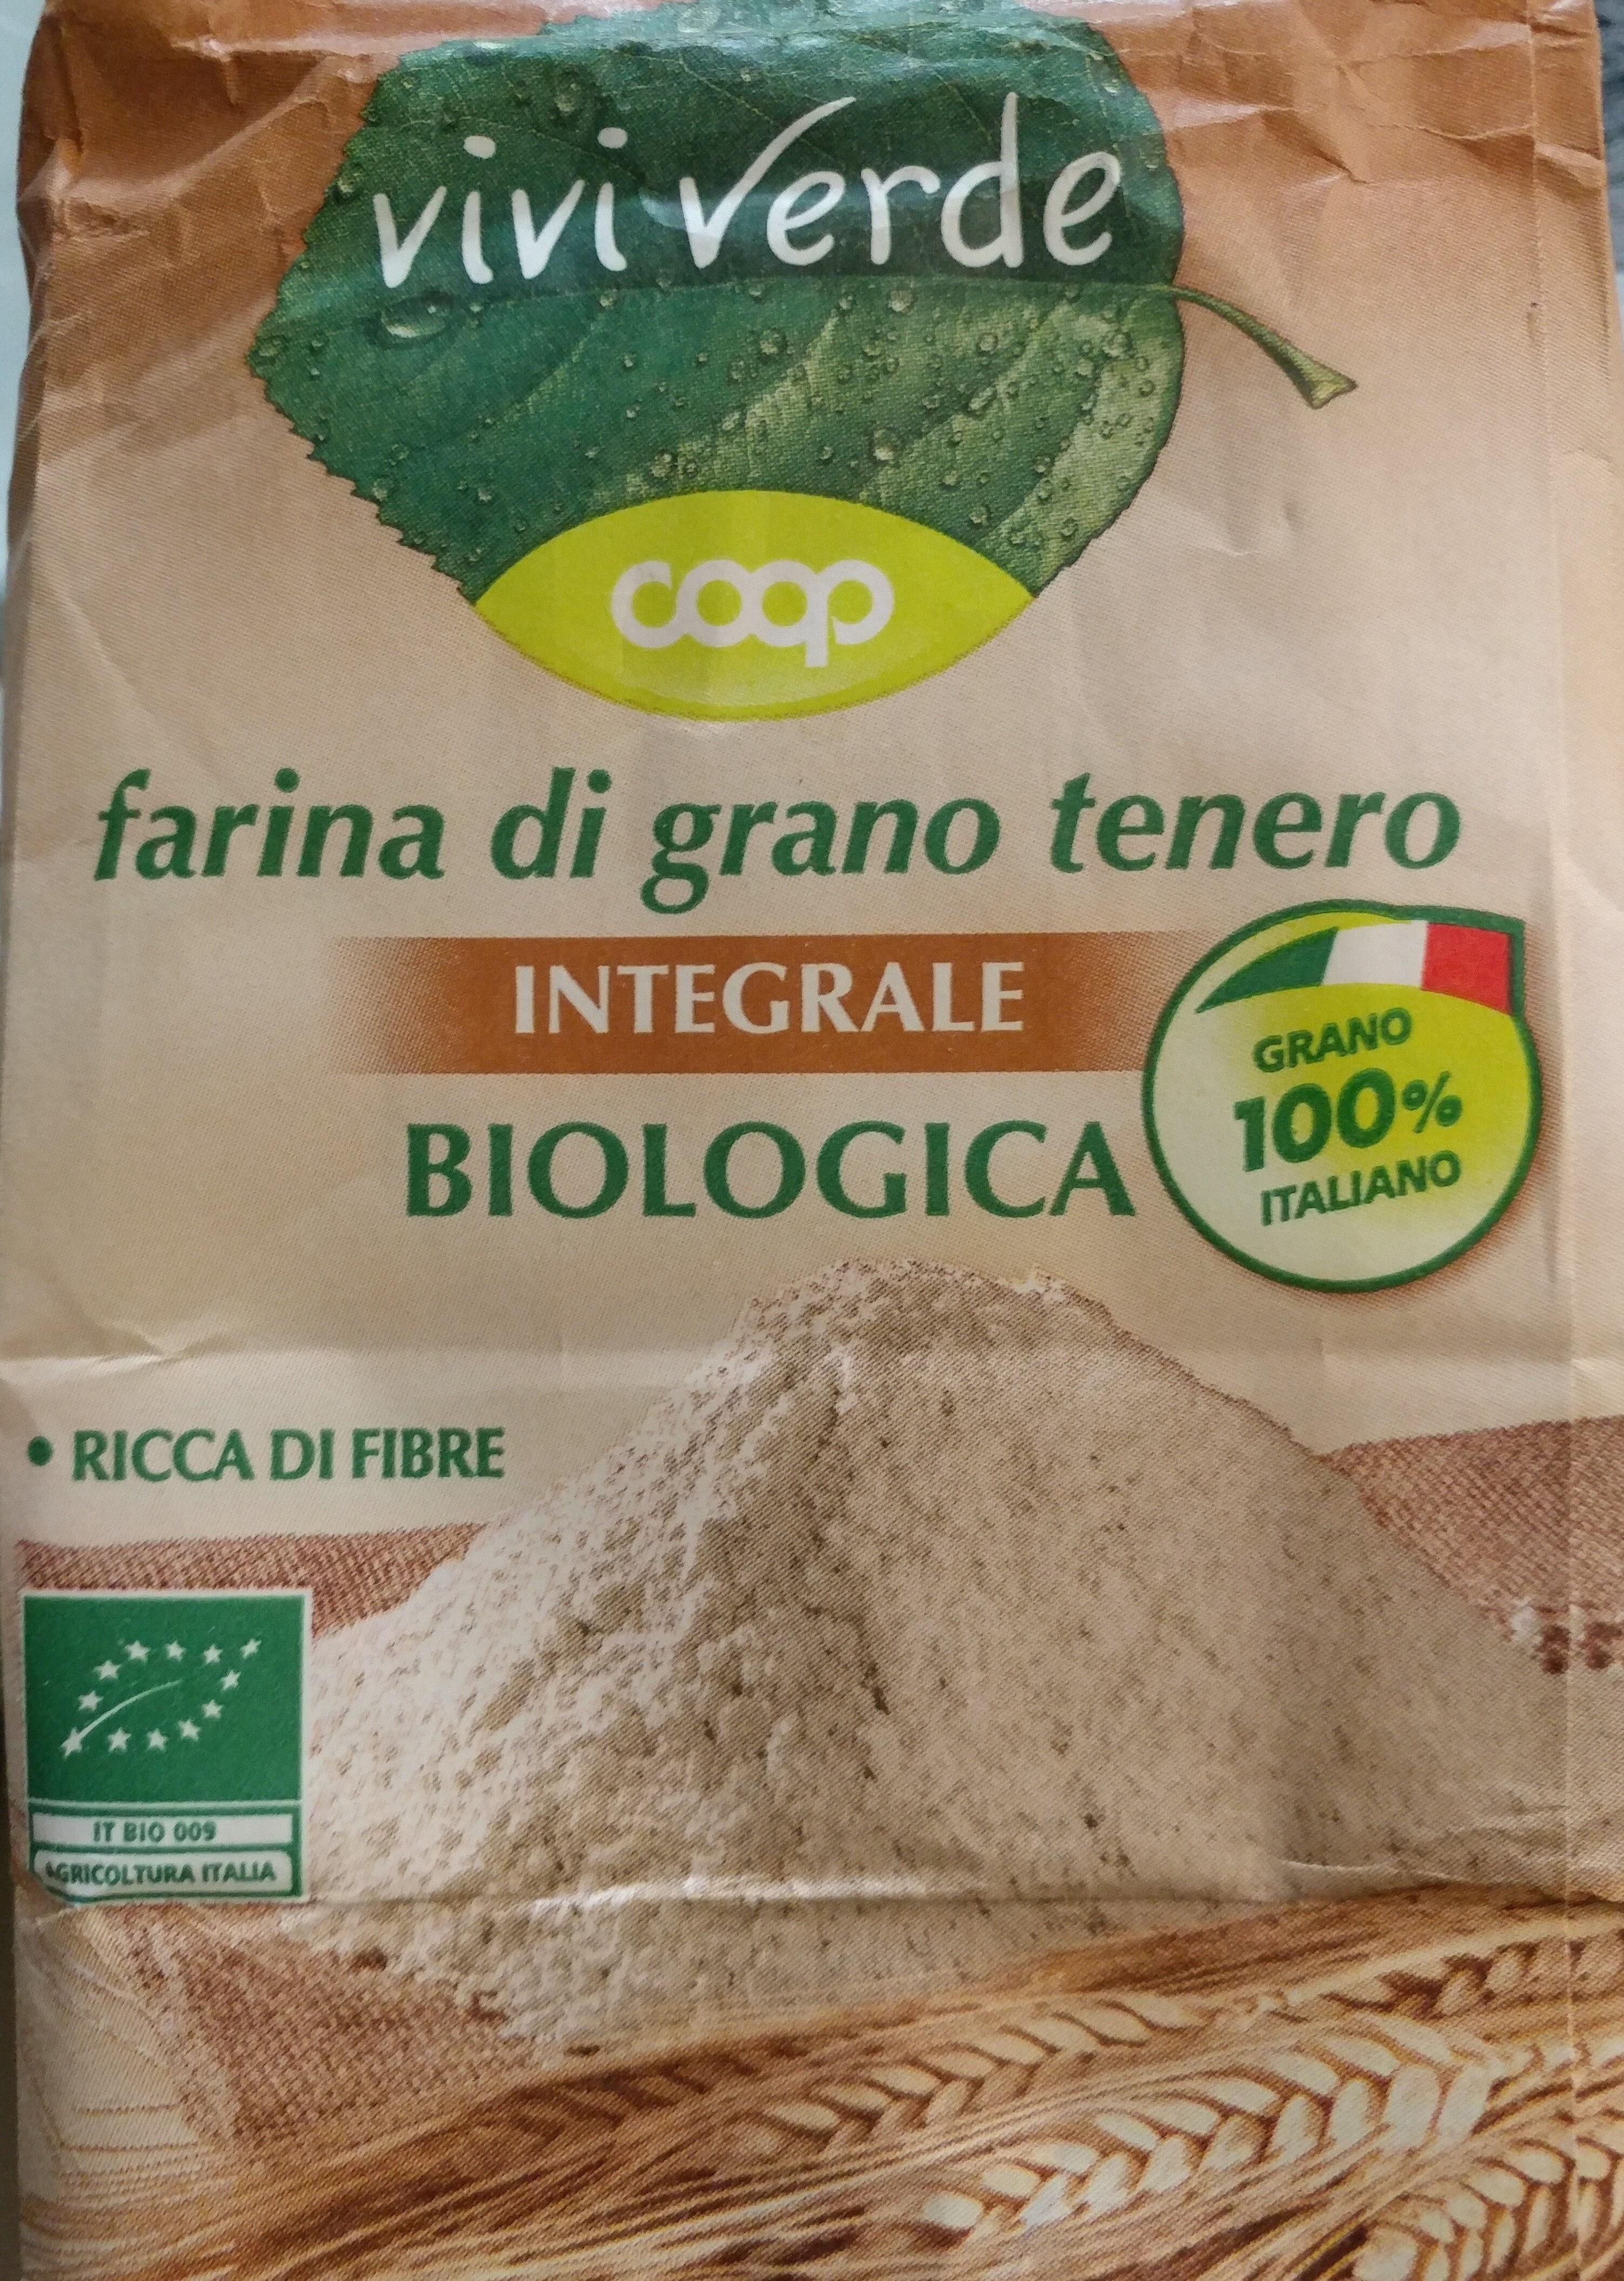 farina di grano tenero integrale biologica - Product - it